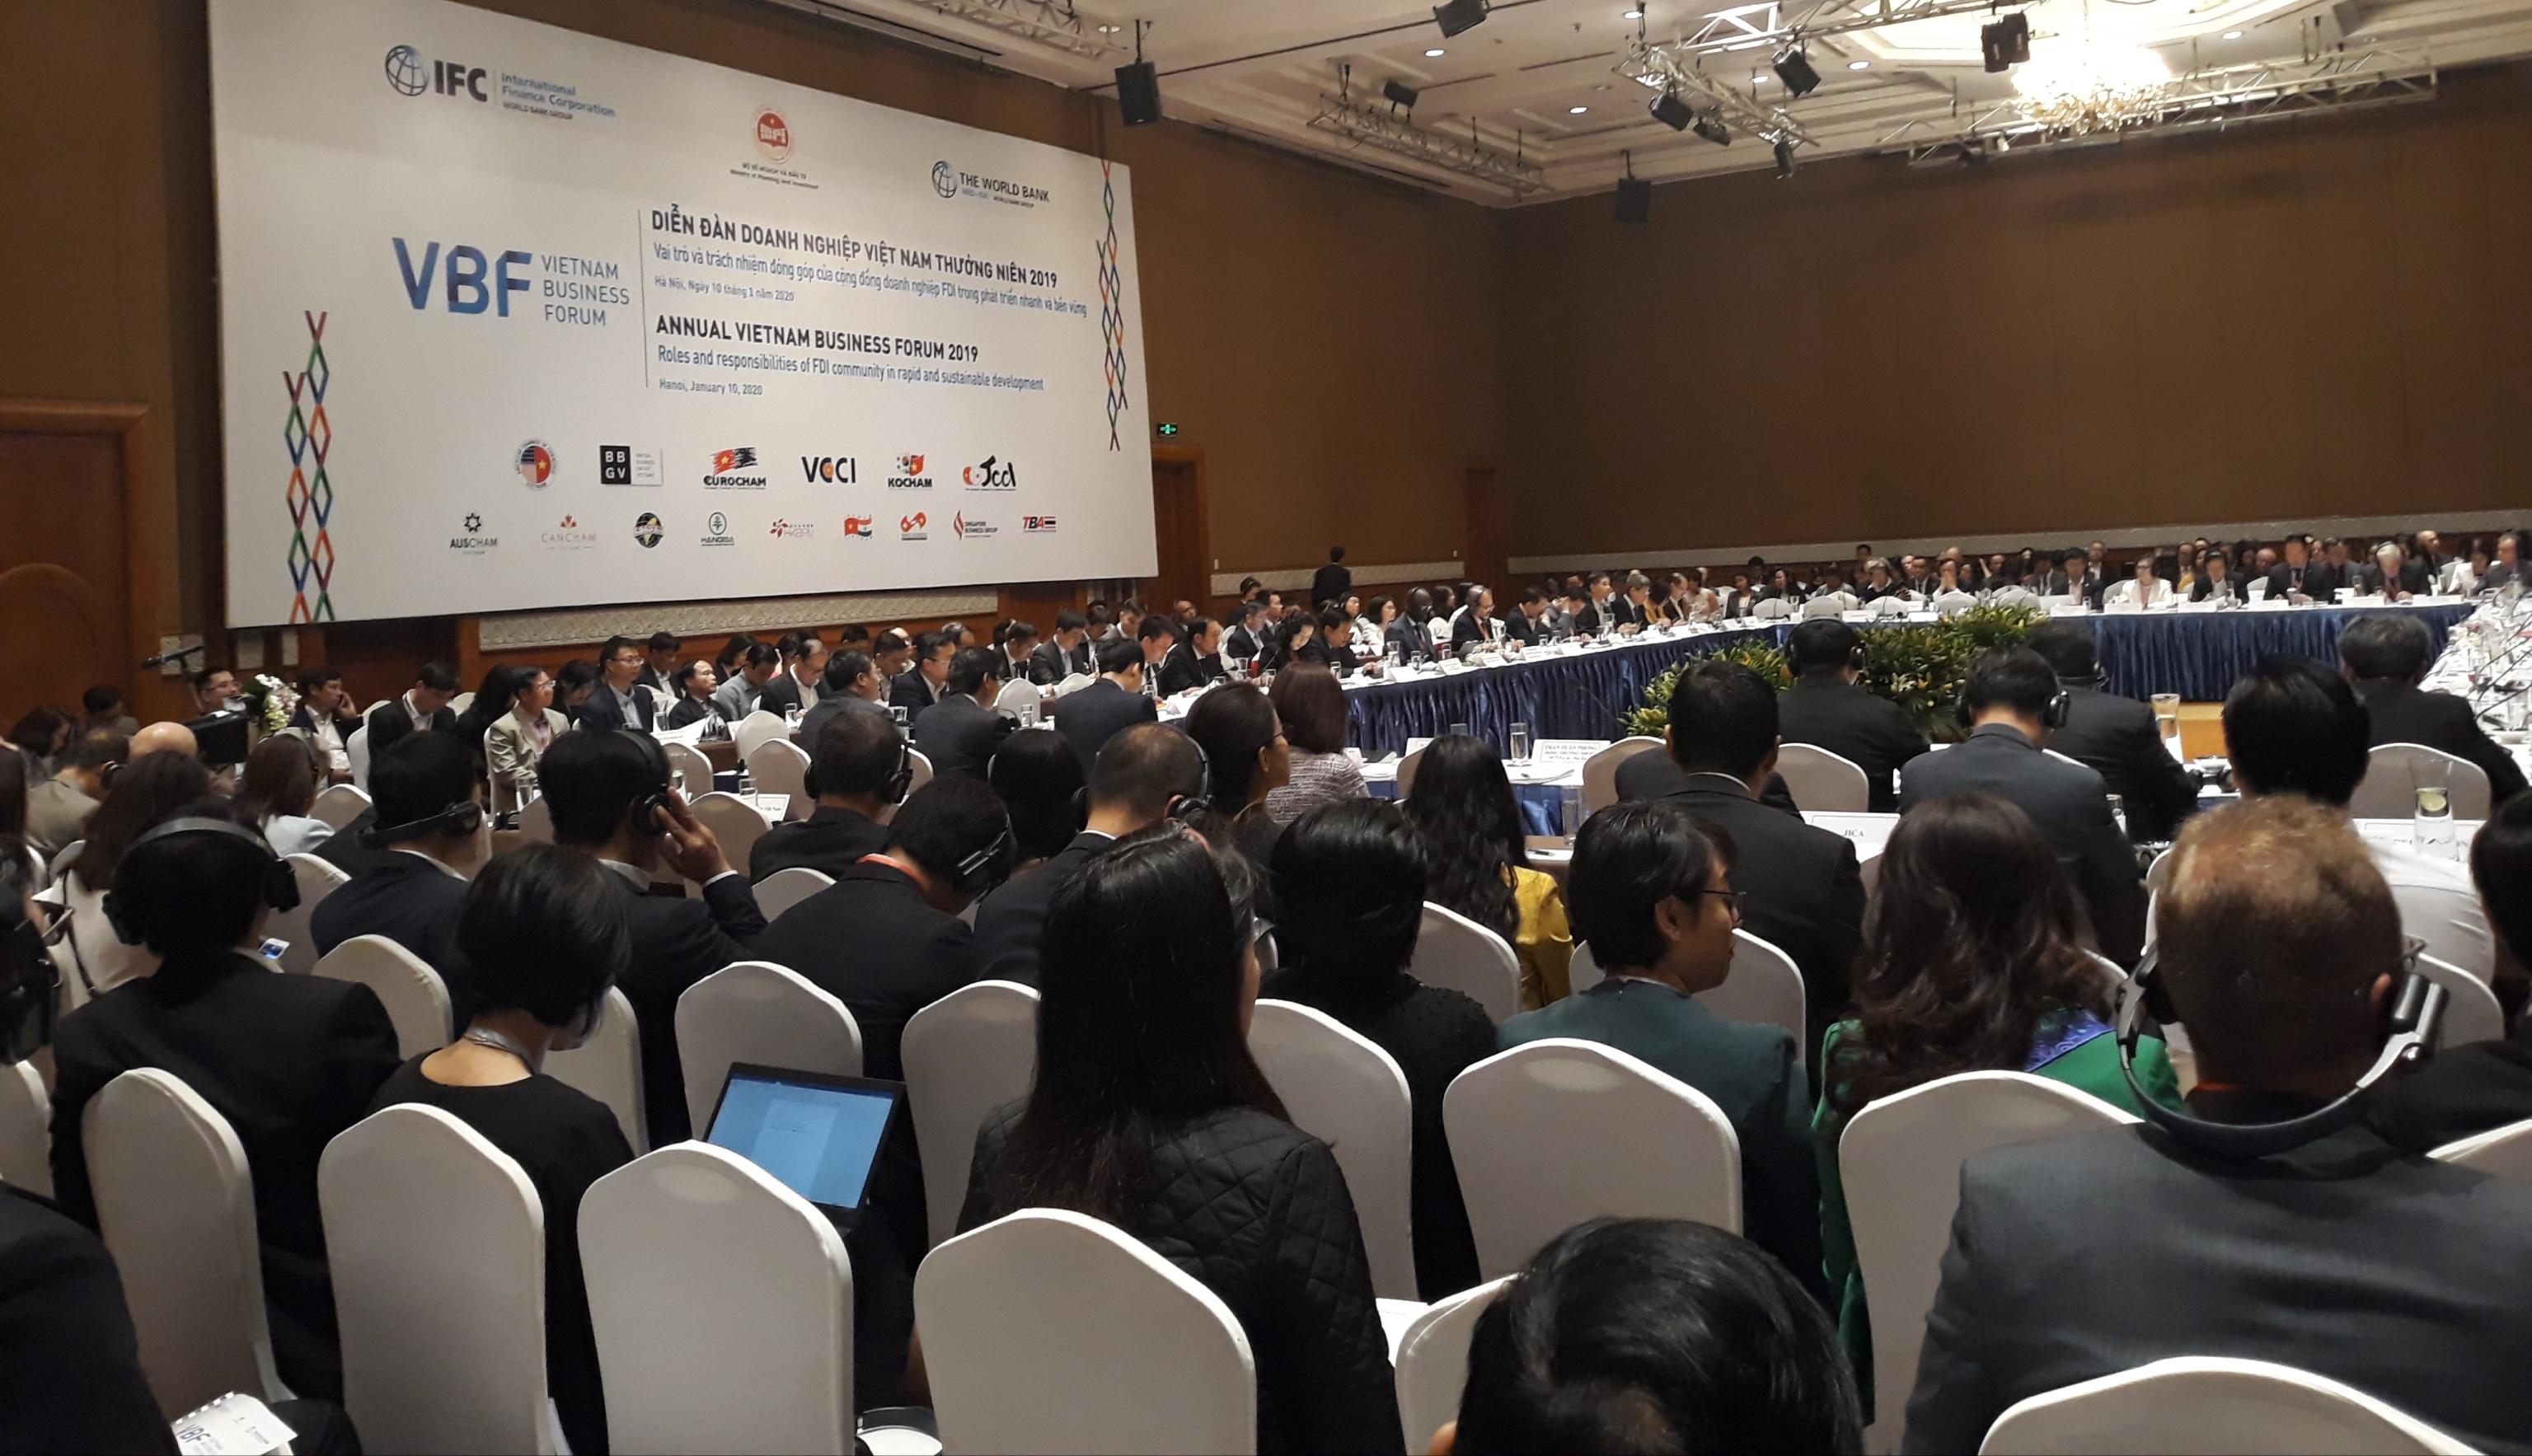 Doanh nghiệp FDI cần hợp tác với doanh nghiệp trong nước cùng phát triển nhanh và bền vững